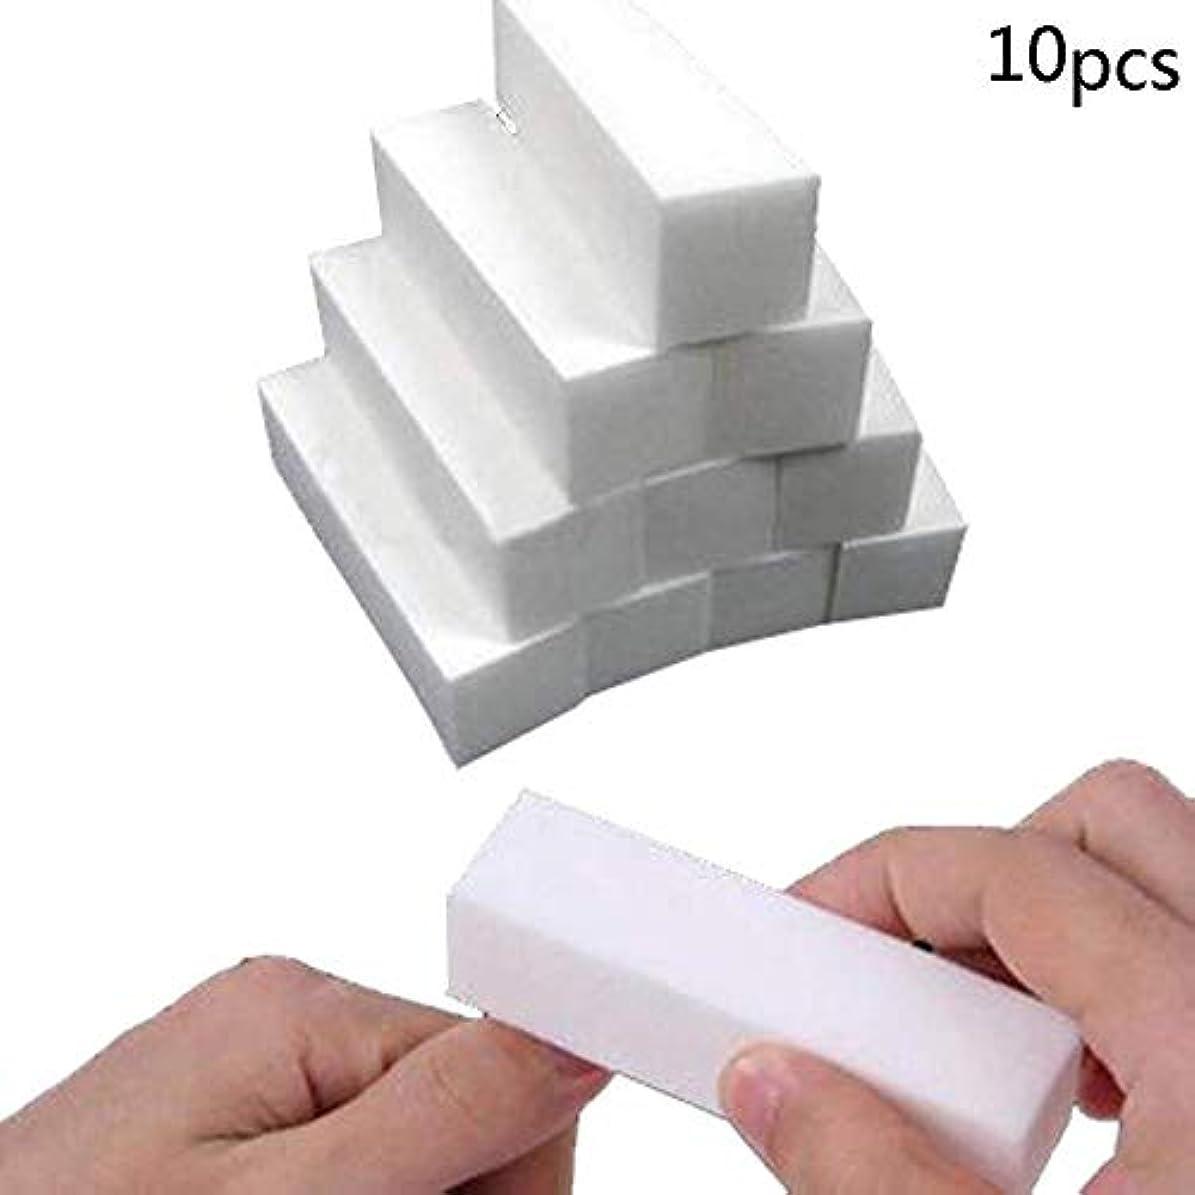 グレートバリアリーフバススペースAmyou ネイルファイルプロフェッショナルネイルケアブロックホワイトポリッシャーサンディングブロックスポンジリントネイルアートヒントツール10個